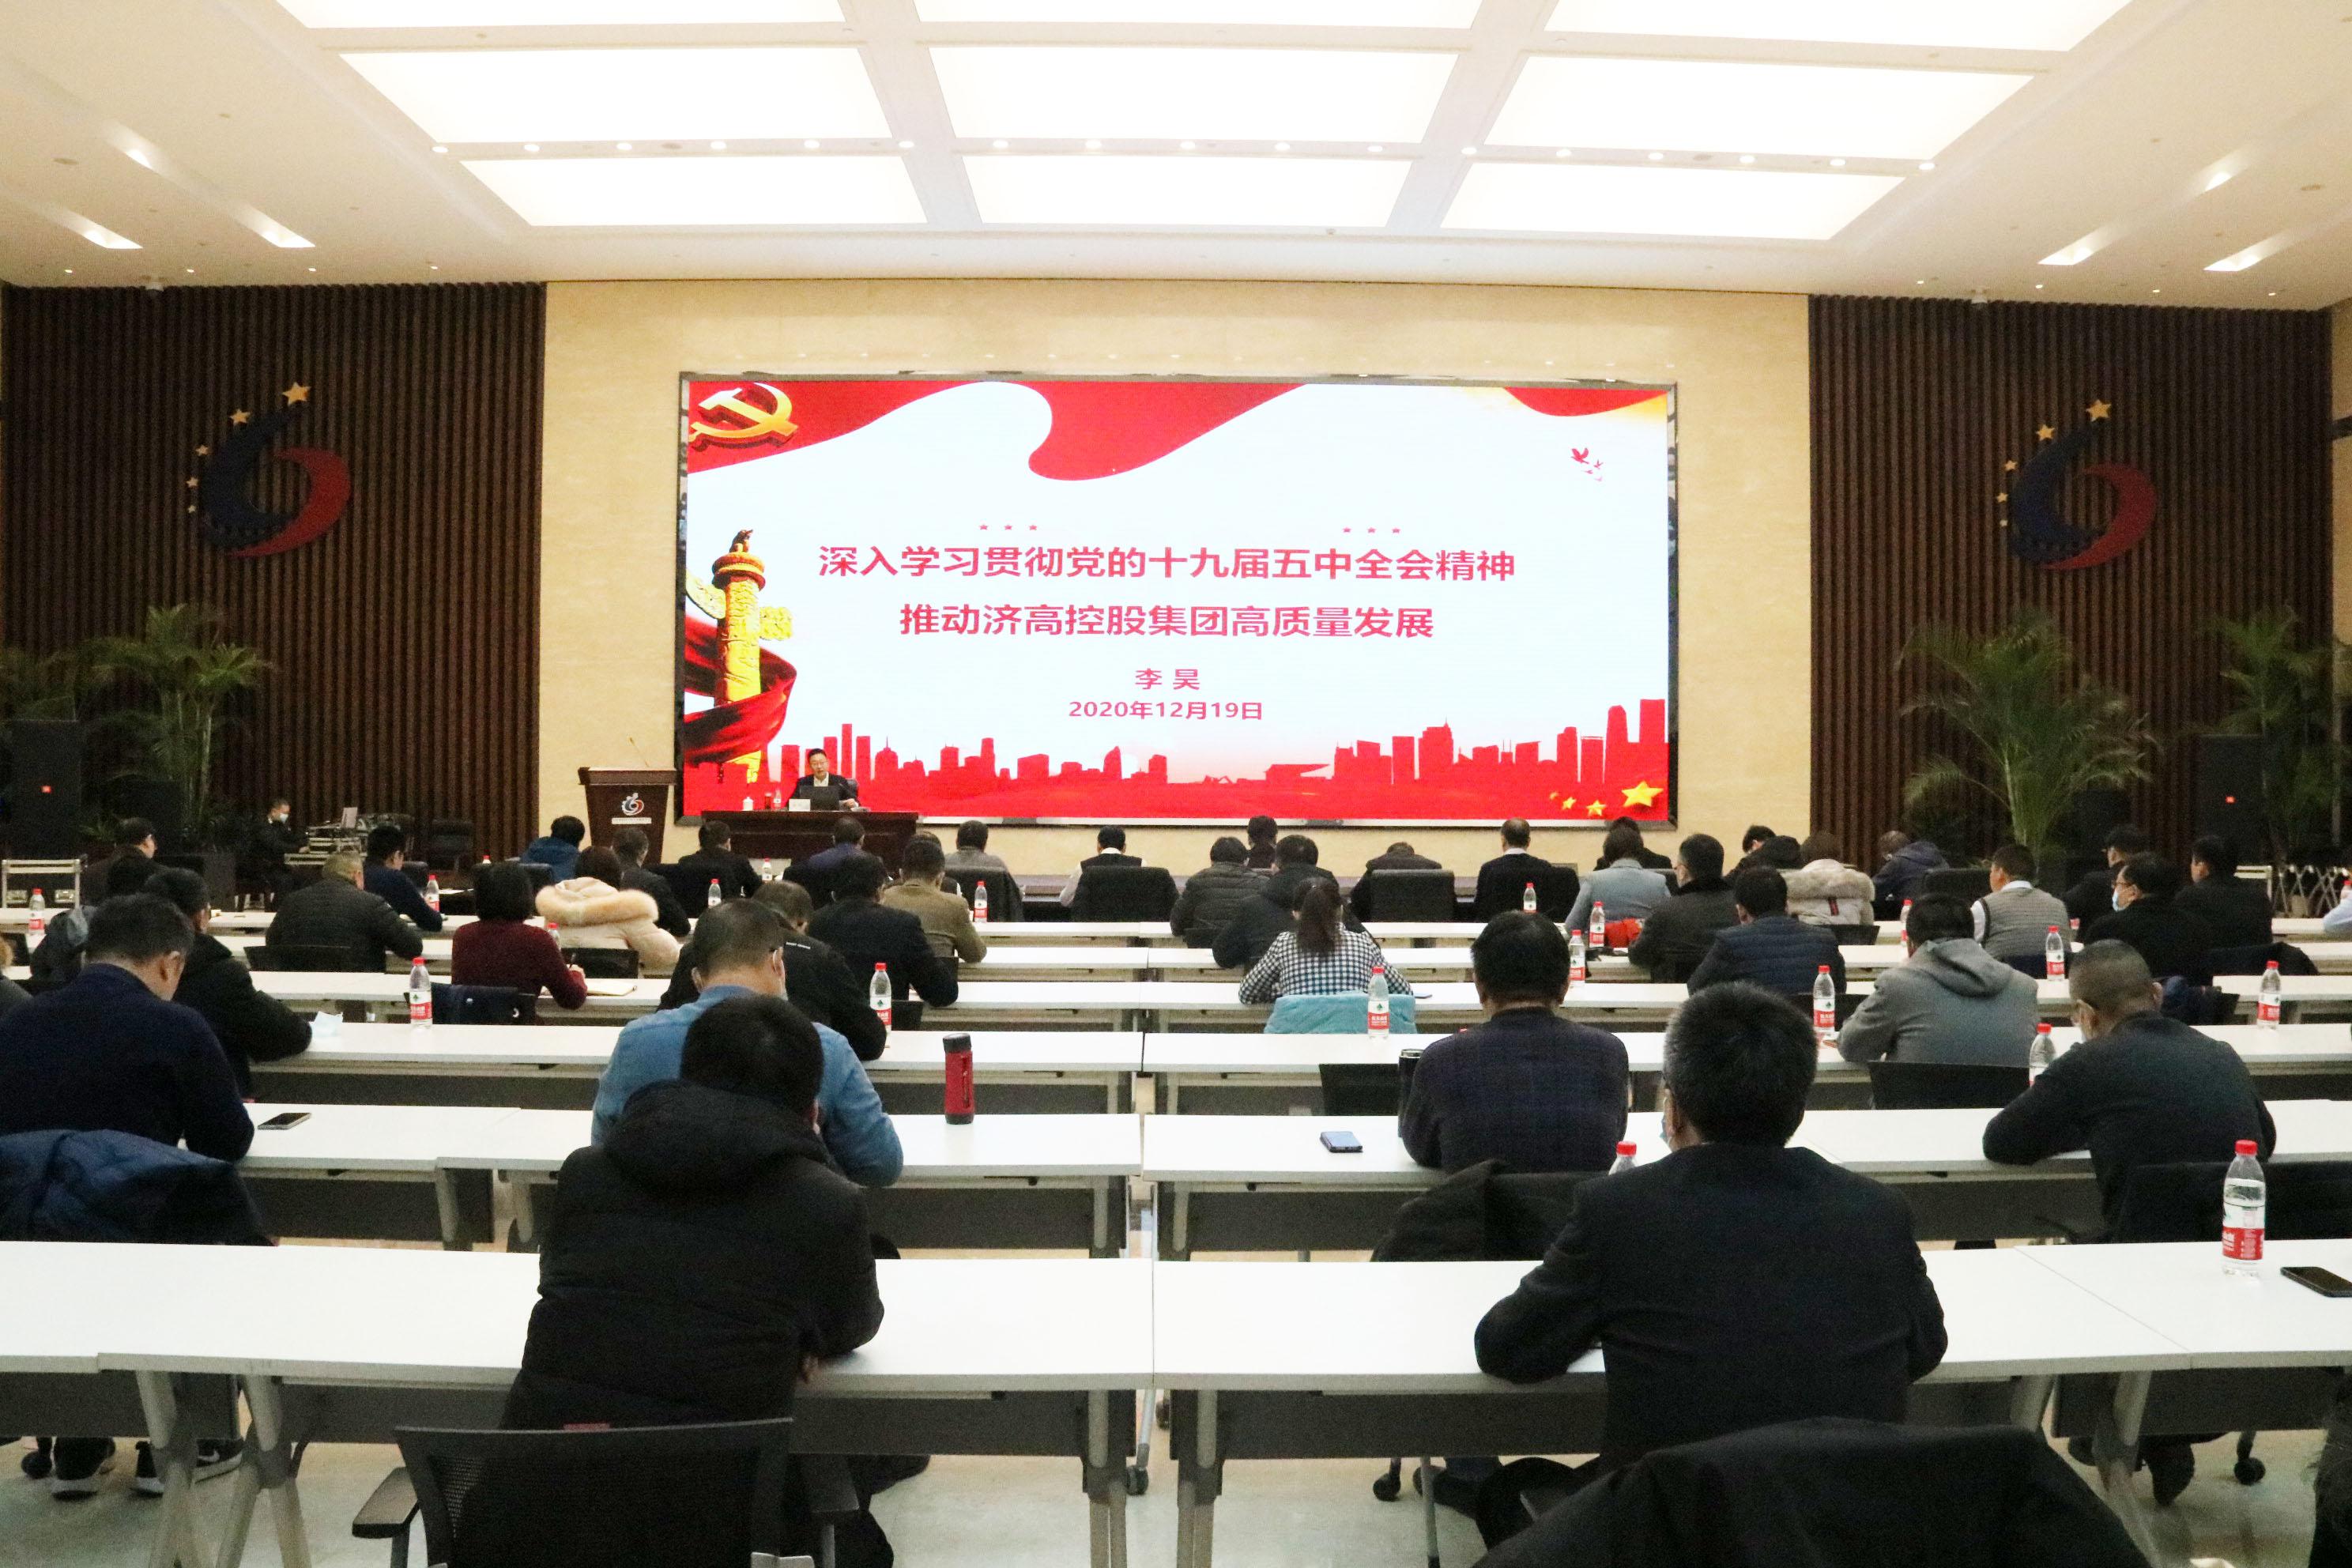 李昊同志在莆田富安控股集团 宣讲党的十九届五中全会精神